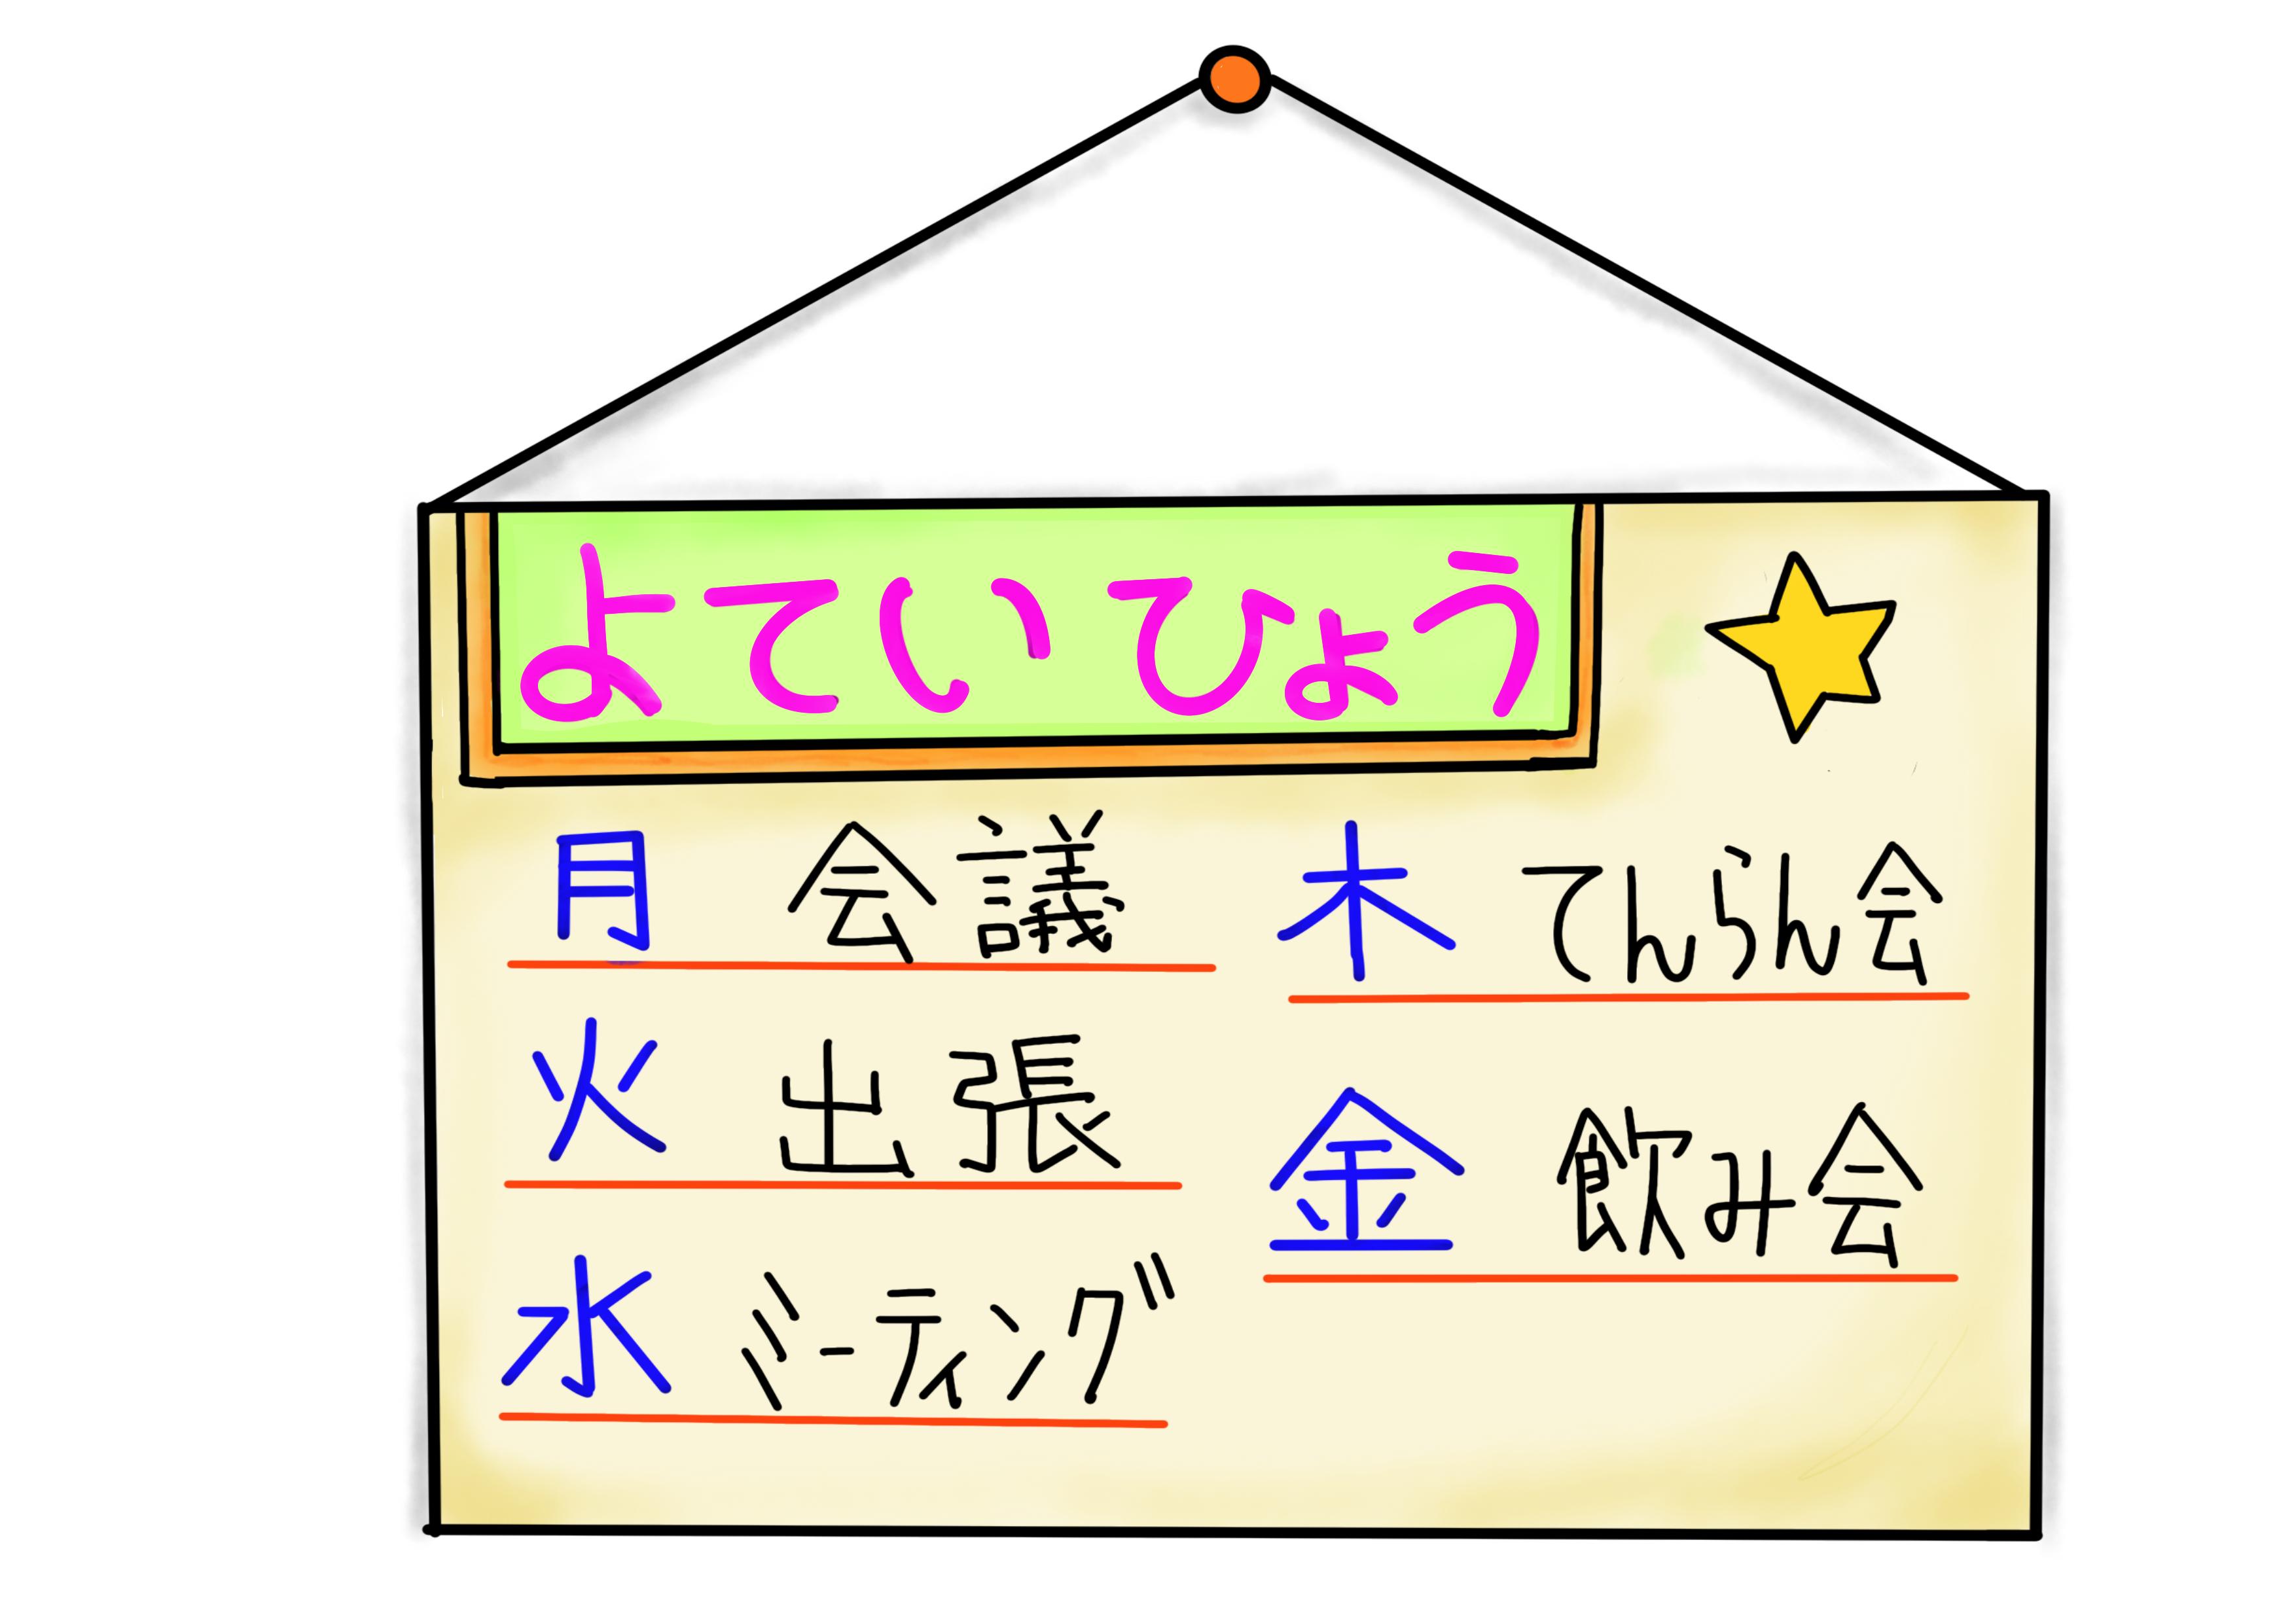 30課イラスト【予定表を貼る】